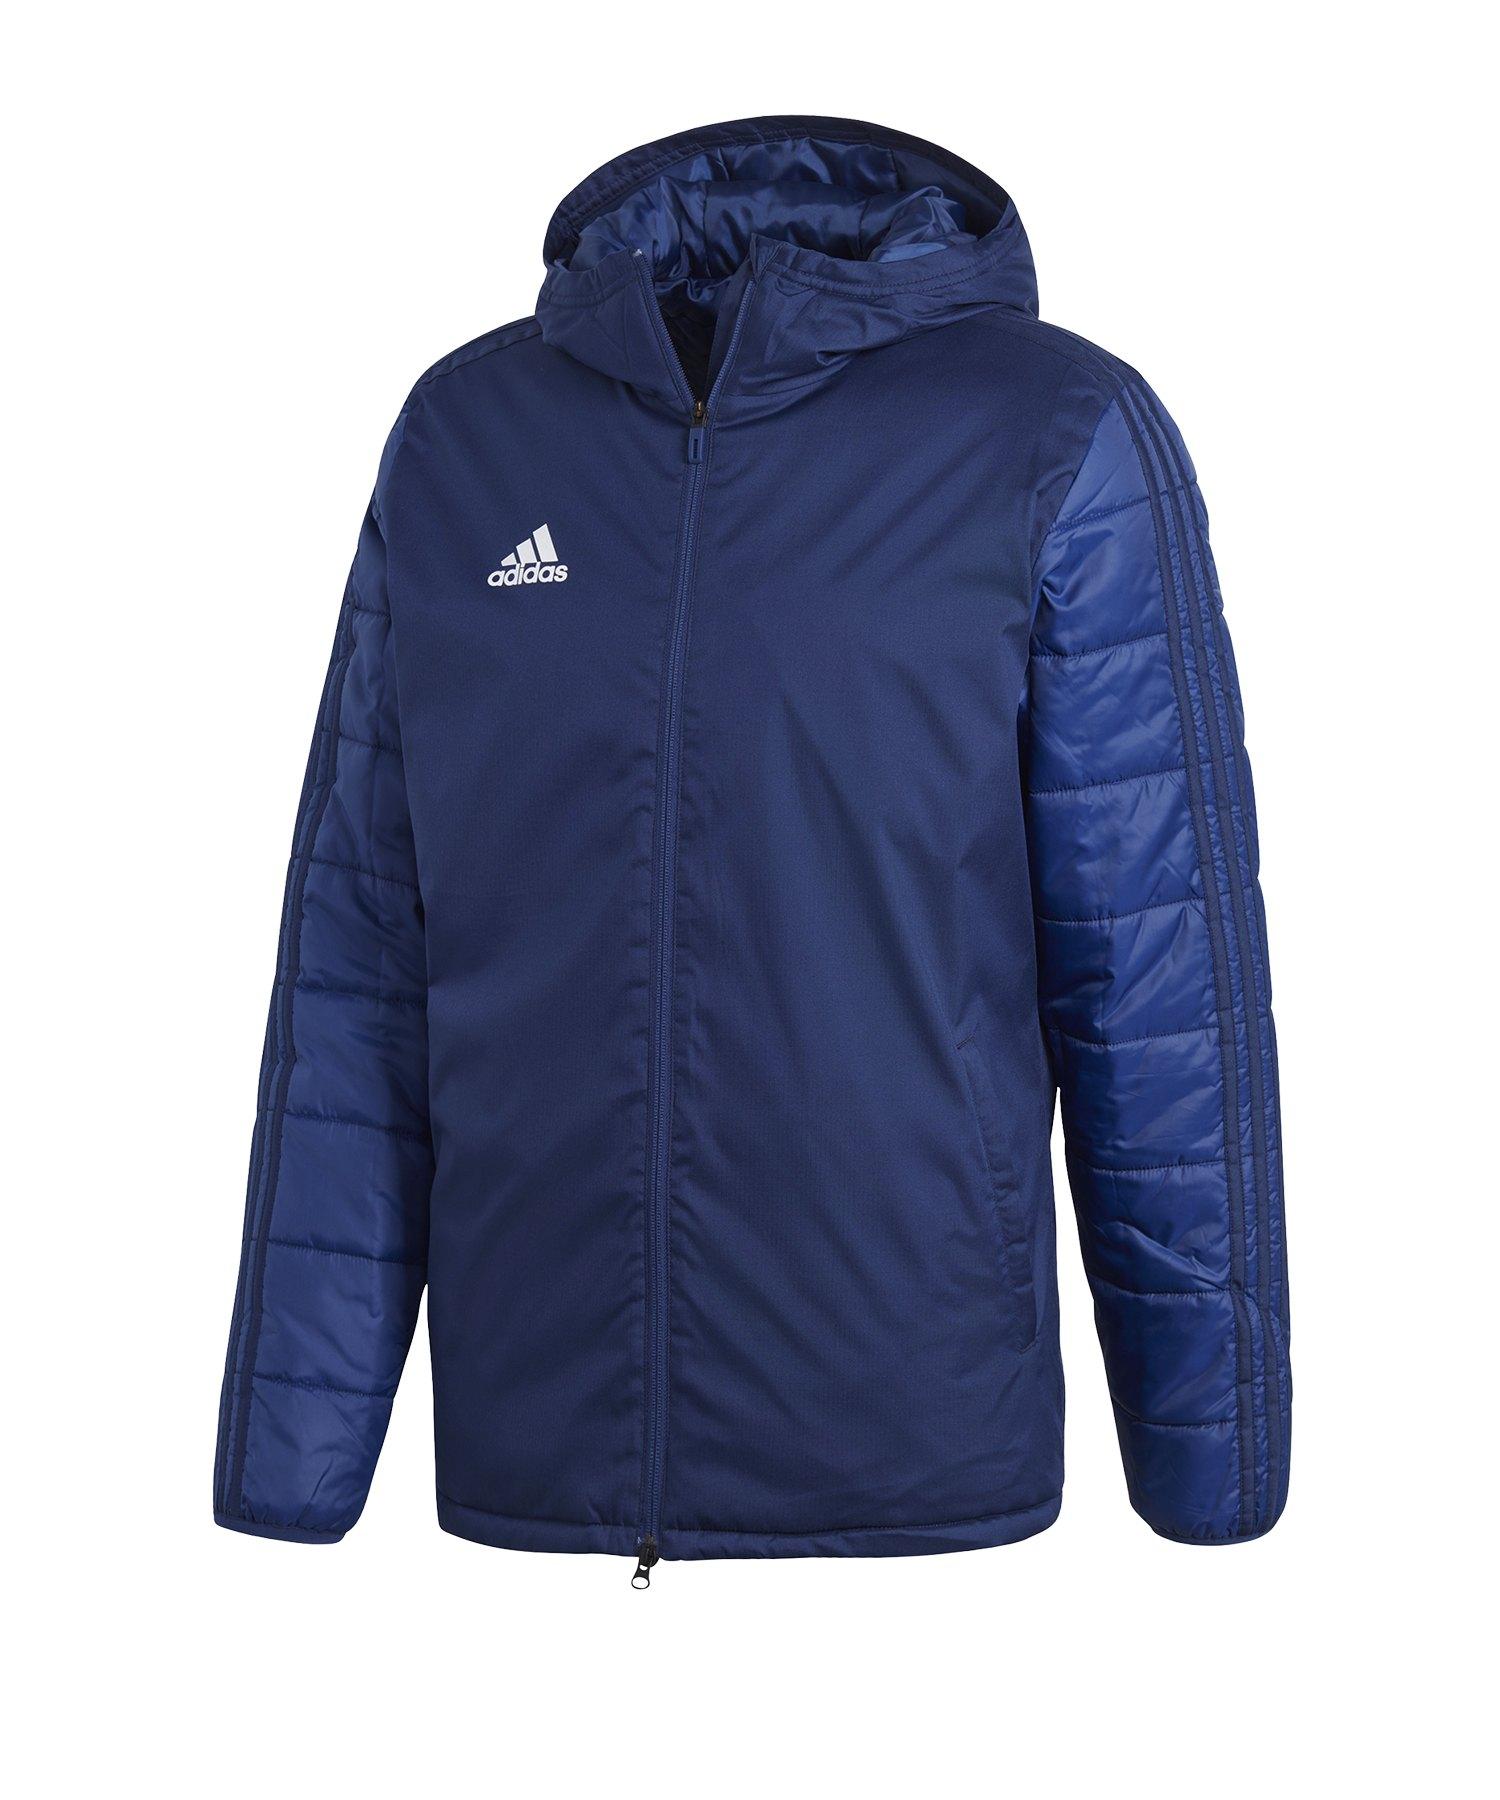 adidas Jacket 18 Winterjacke Blau Weiss - blau